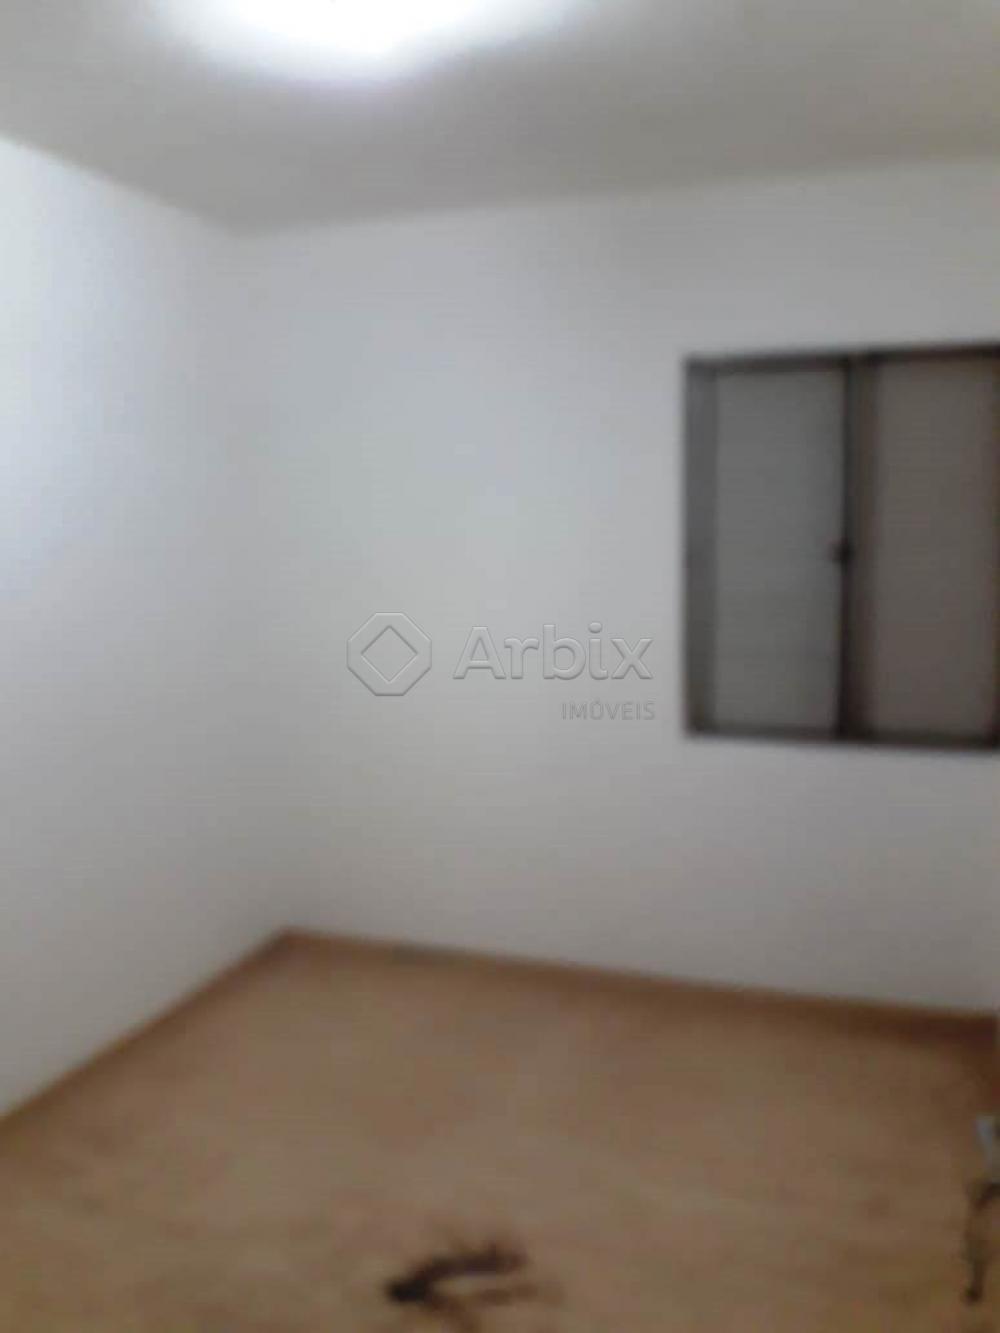 Comprar Apartamento / Padrão em Santa Bárbara D`Oeste apenas R$ 250.000,00 - Foto 5